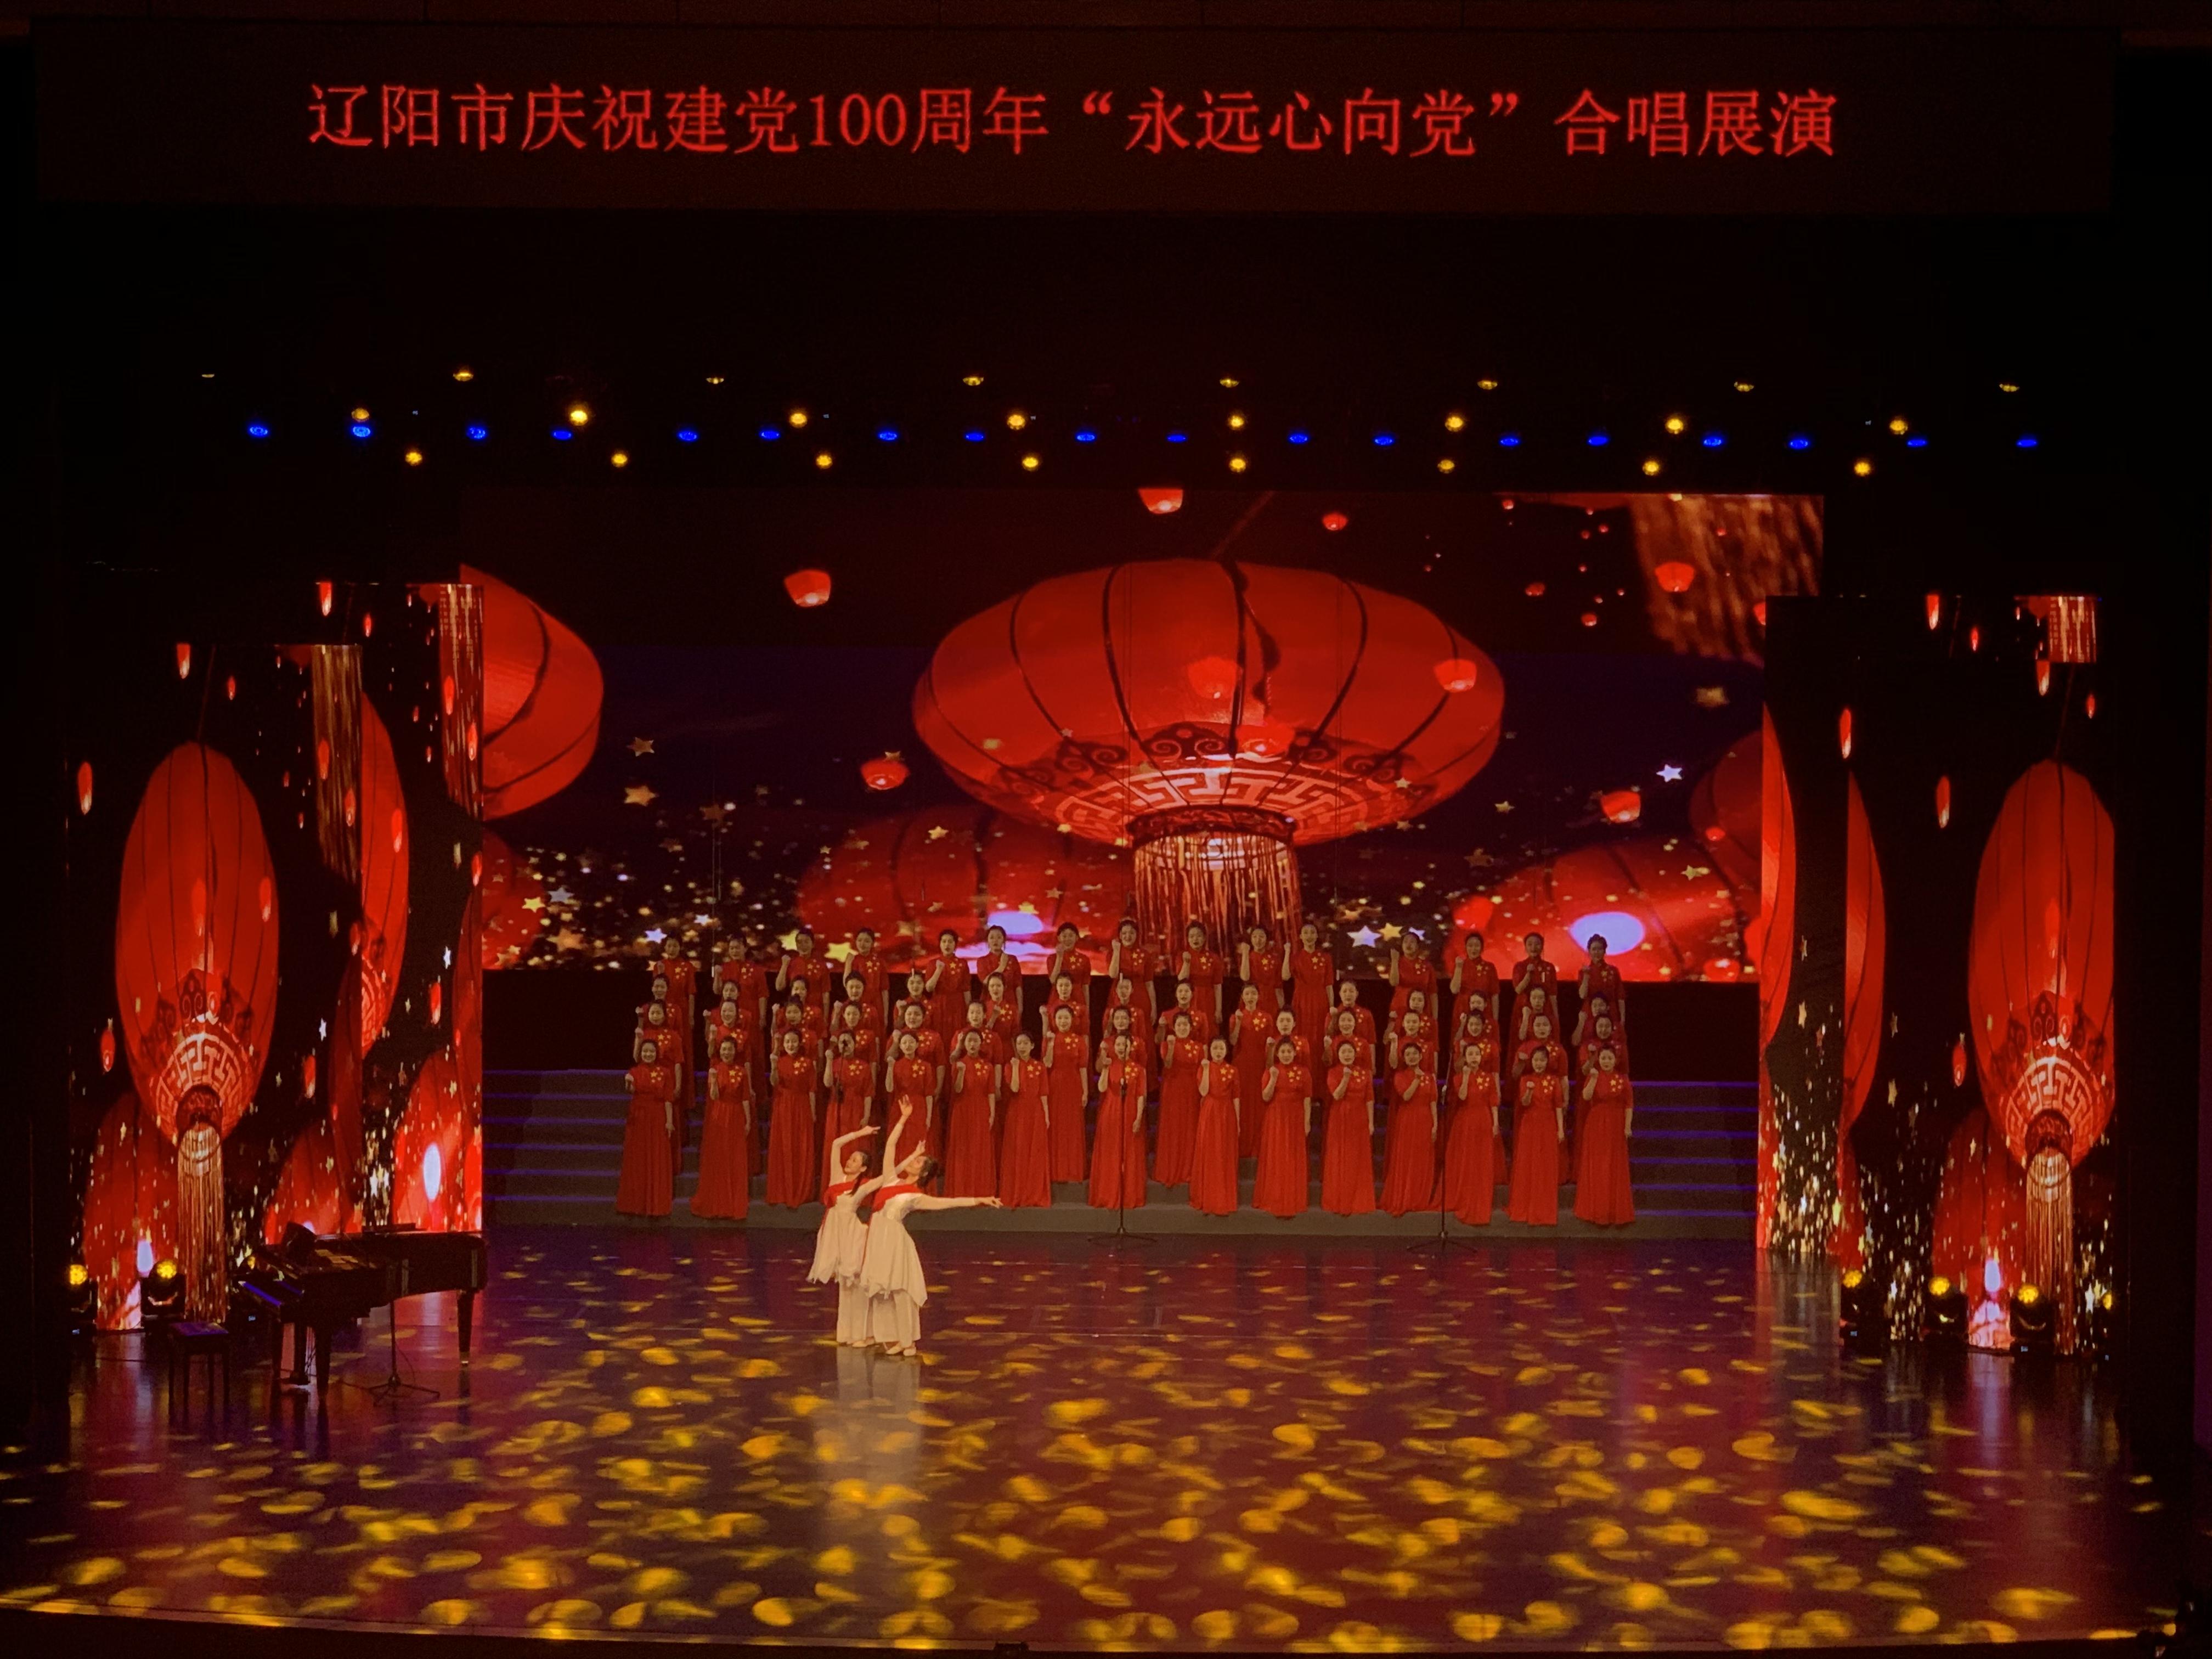 辽宁2021年辽阳市委宣传部庆祝建党100周年合唱展演